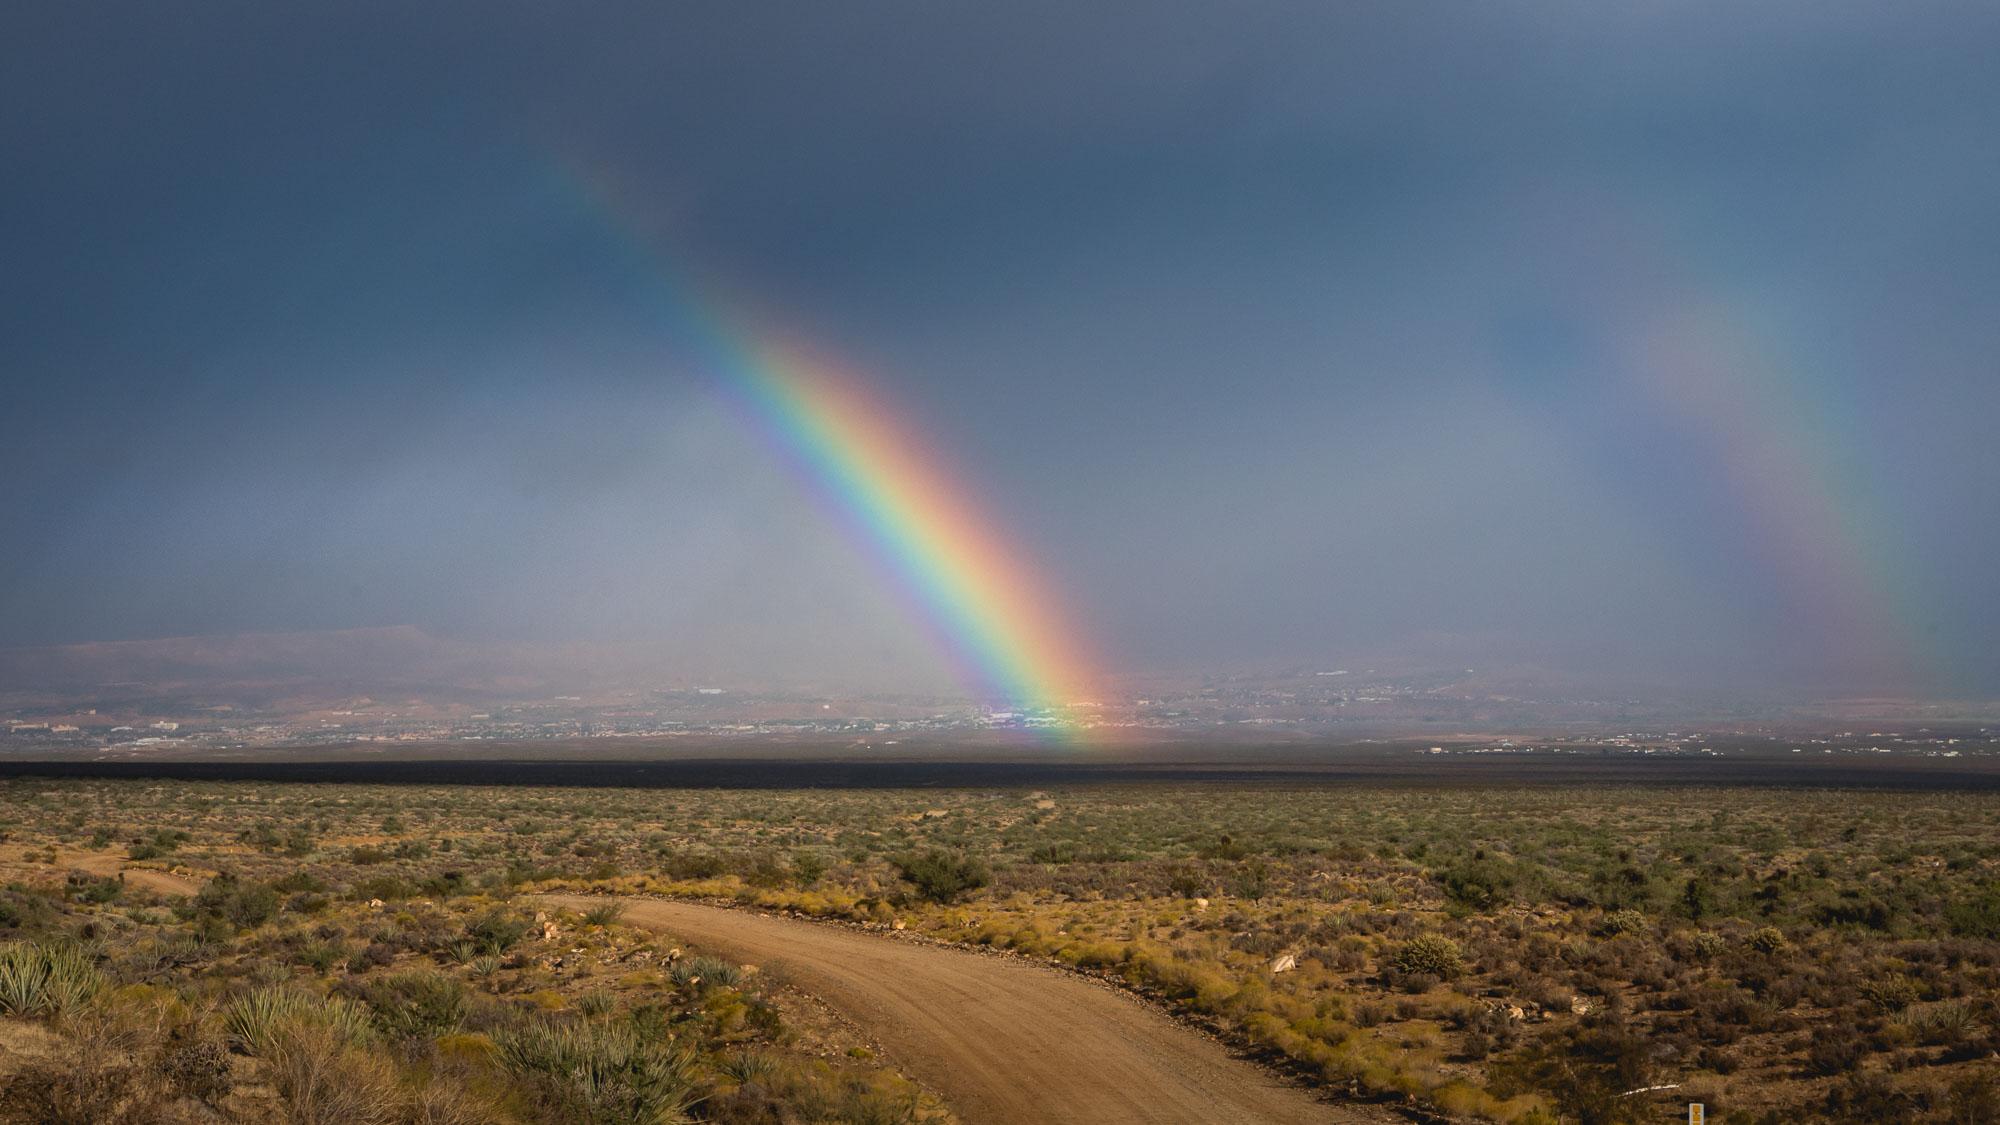 double rainbow!!111!